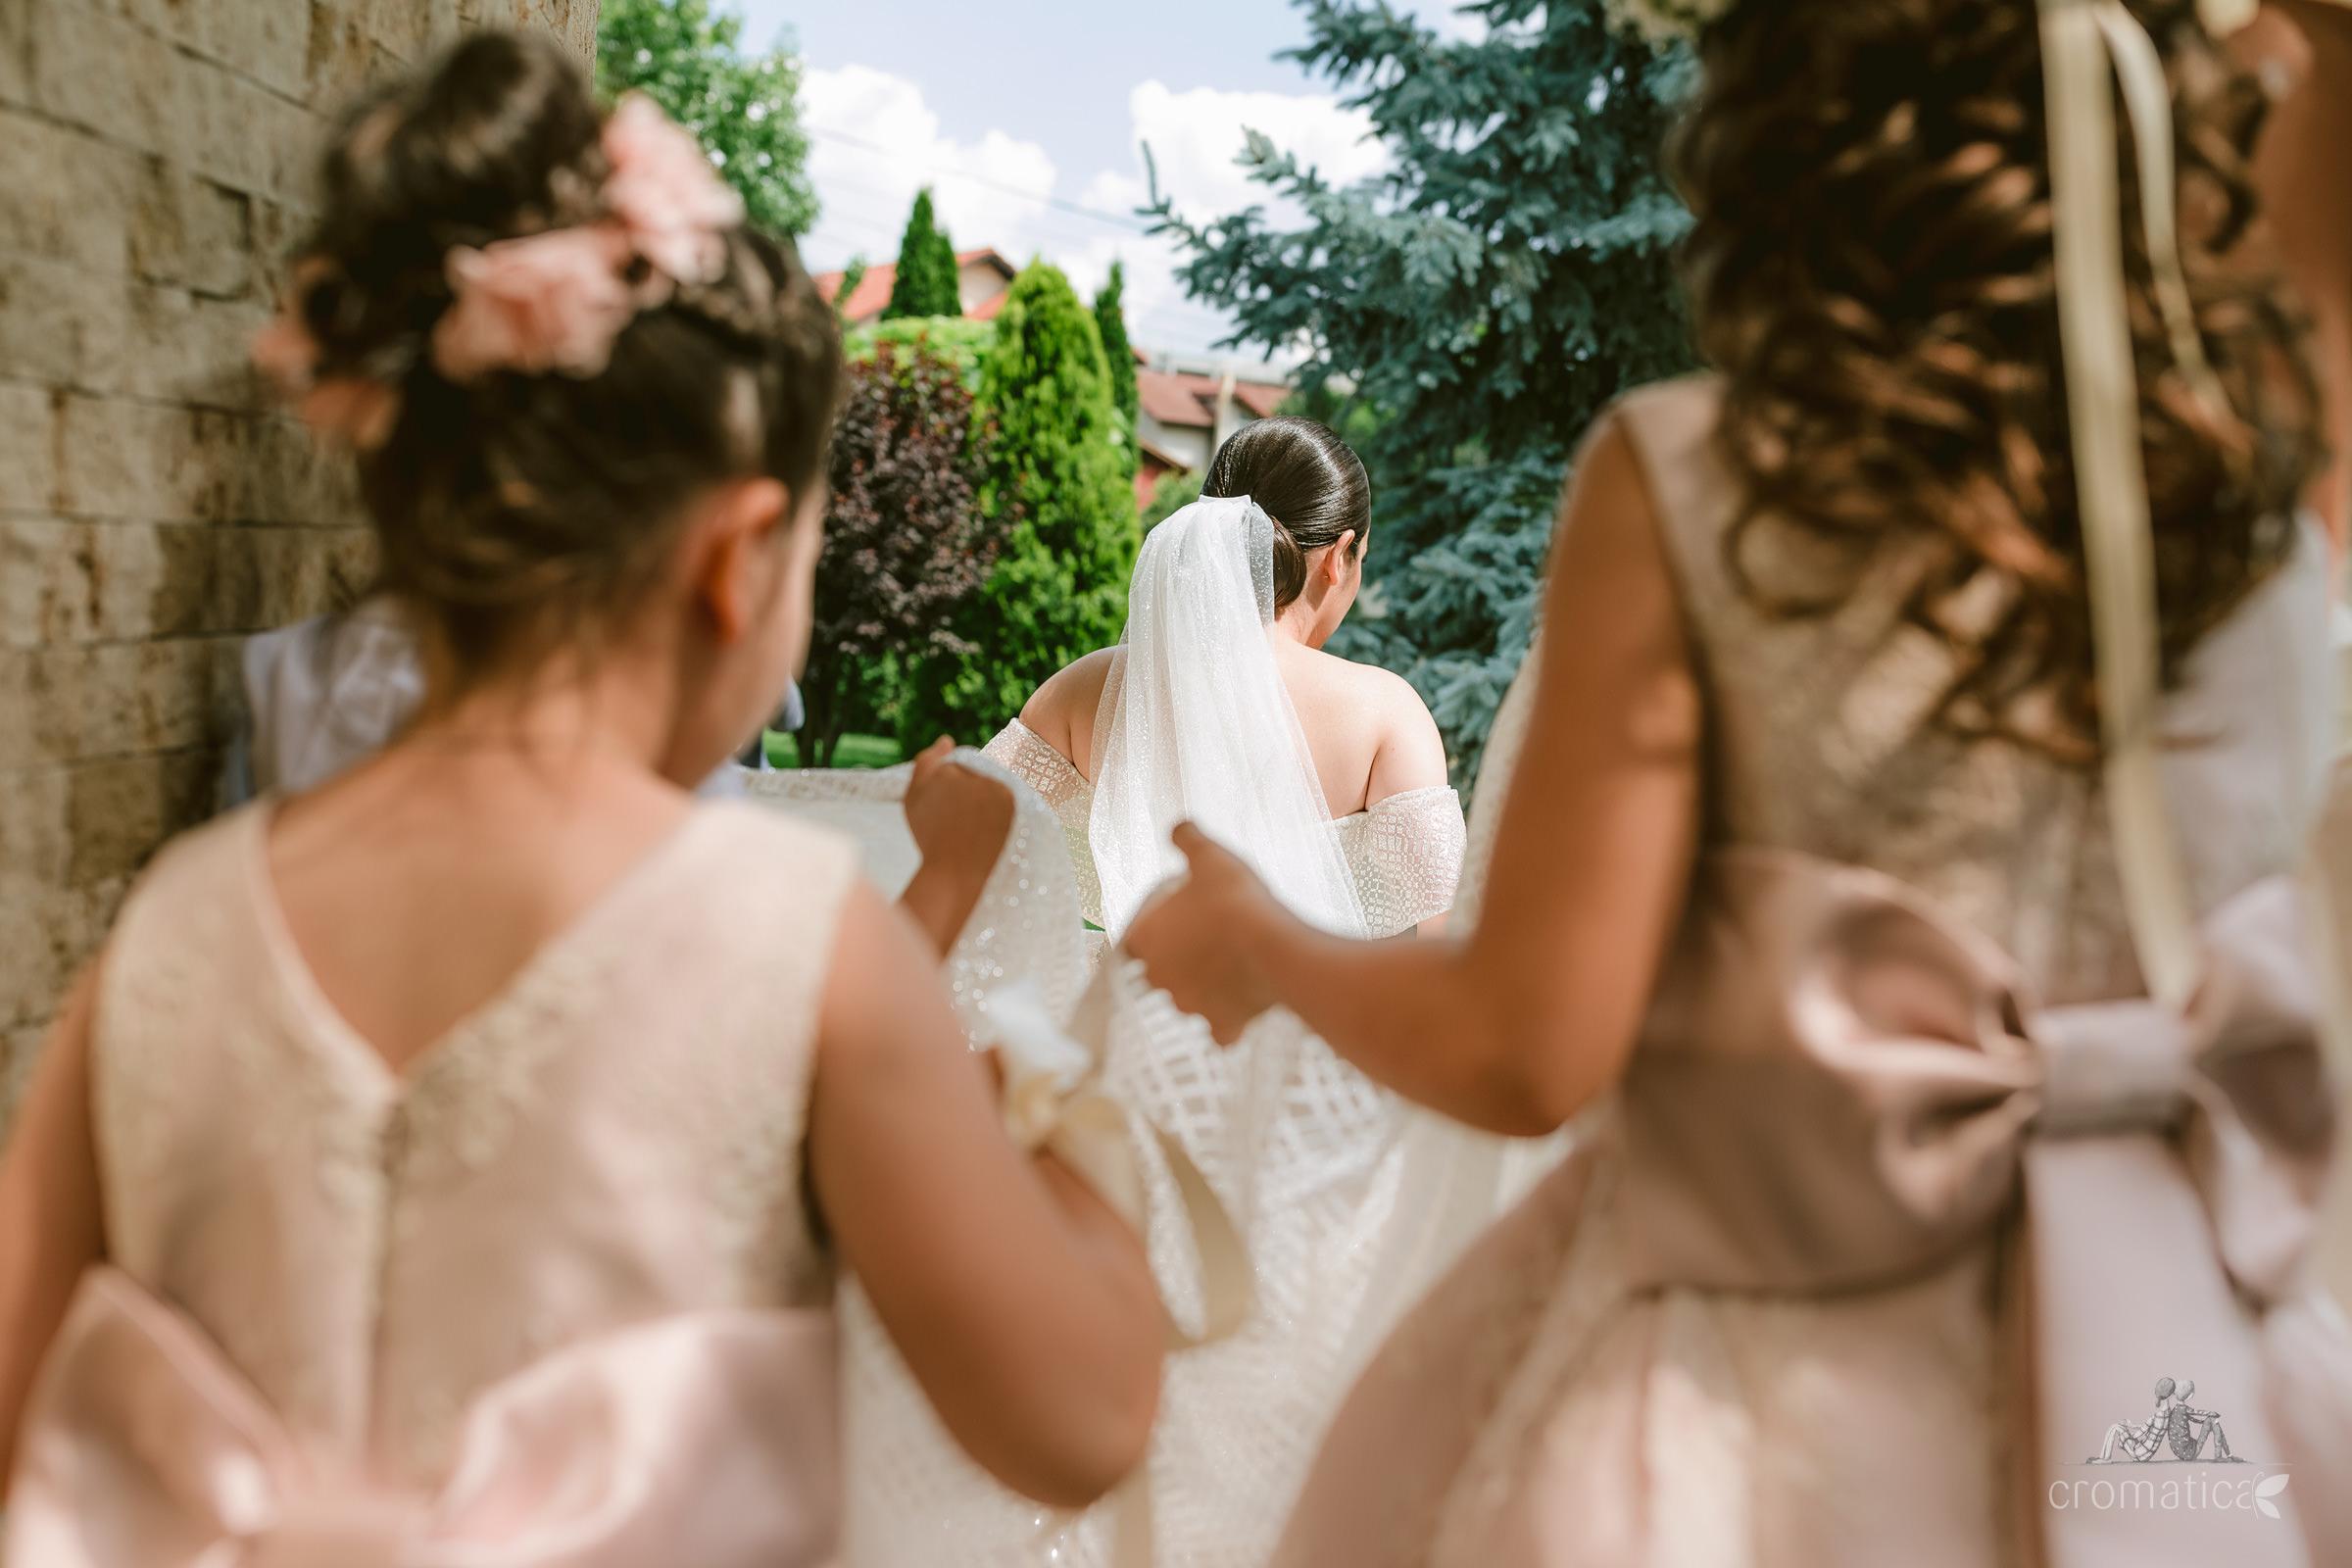 oana alex fotografii nunta rm valcea 018